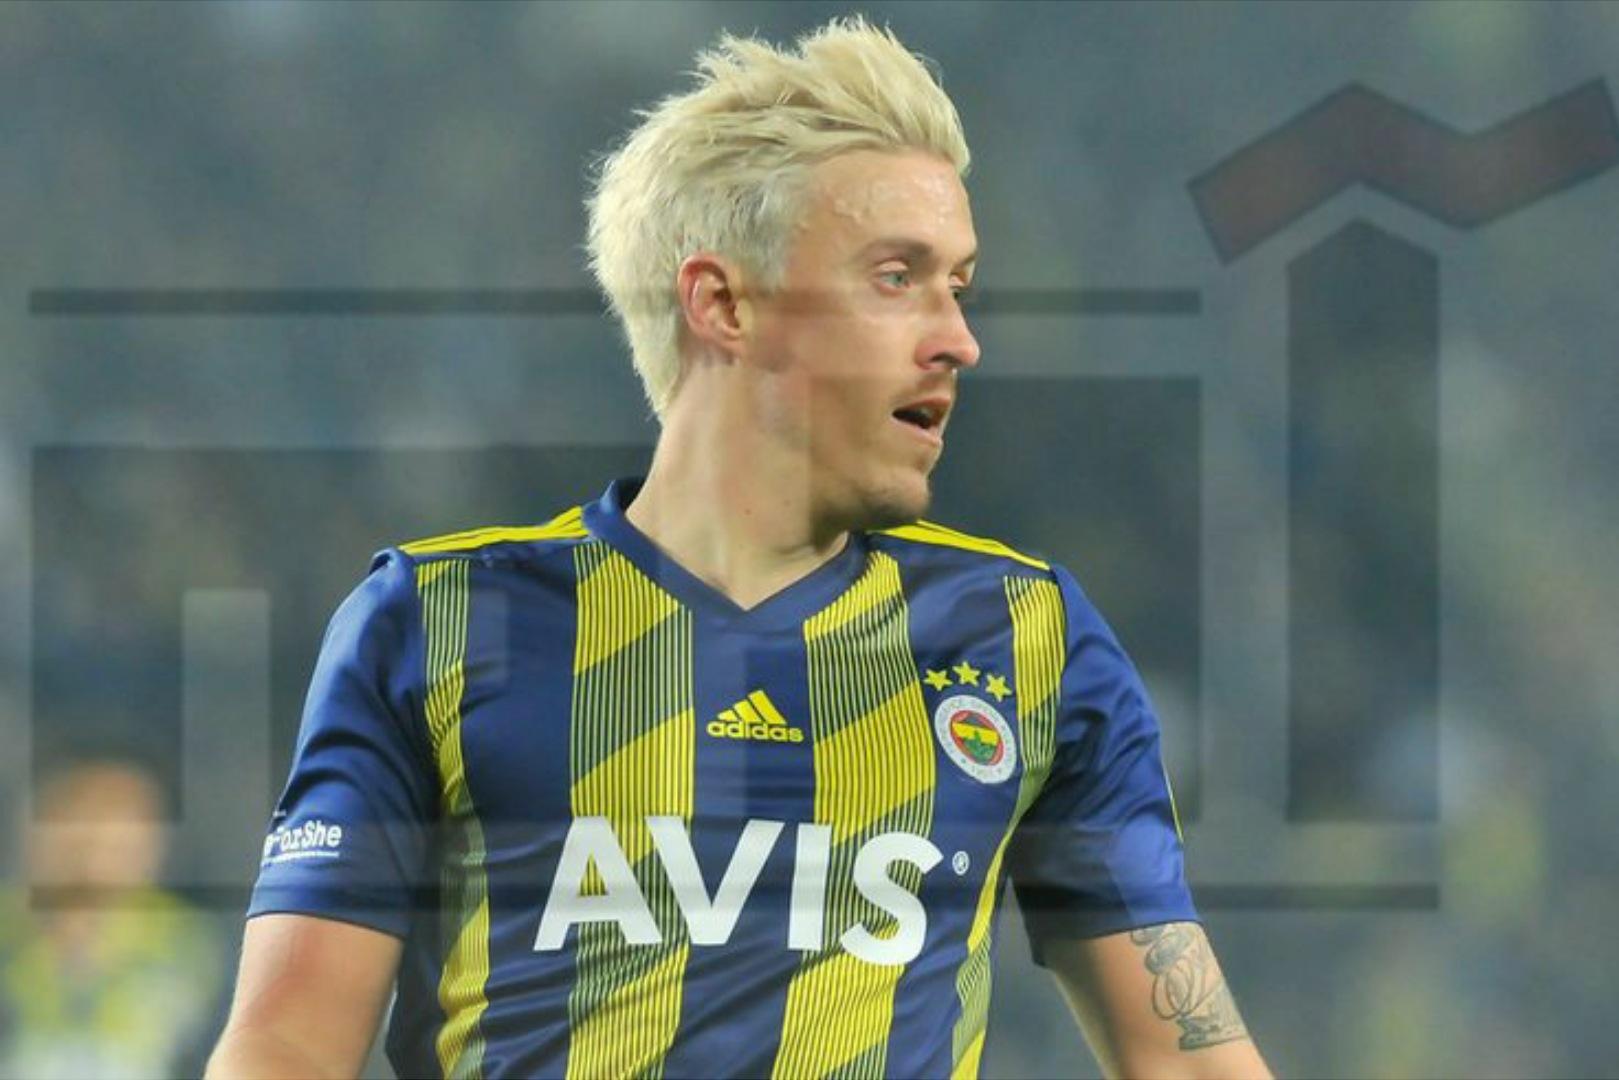 لاعب كرة القدم الألماني ماكس كروزه